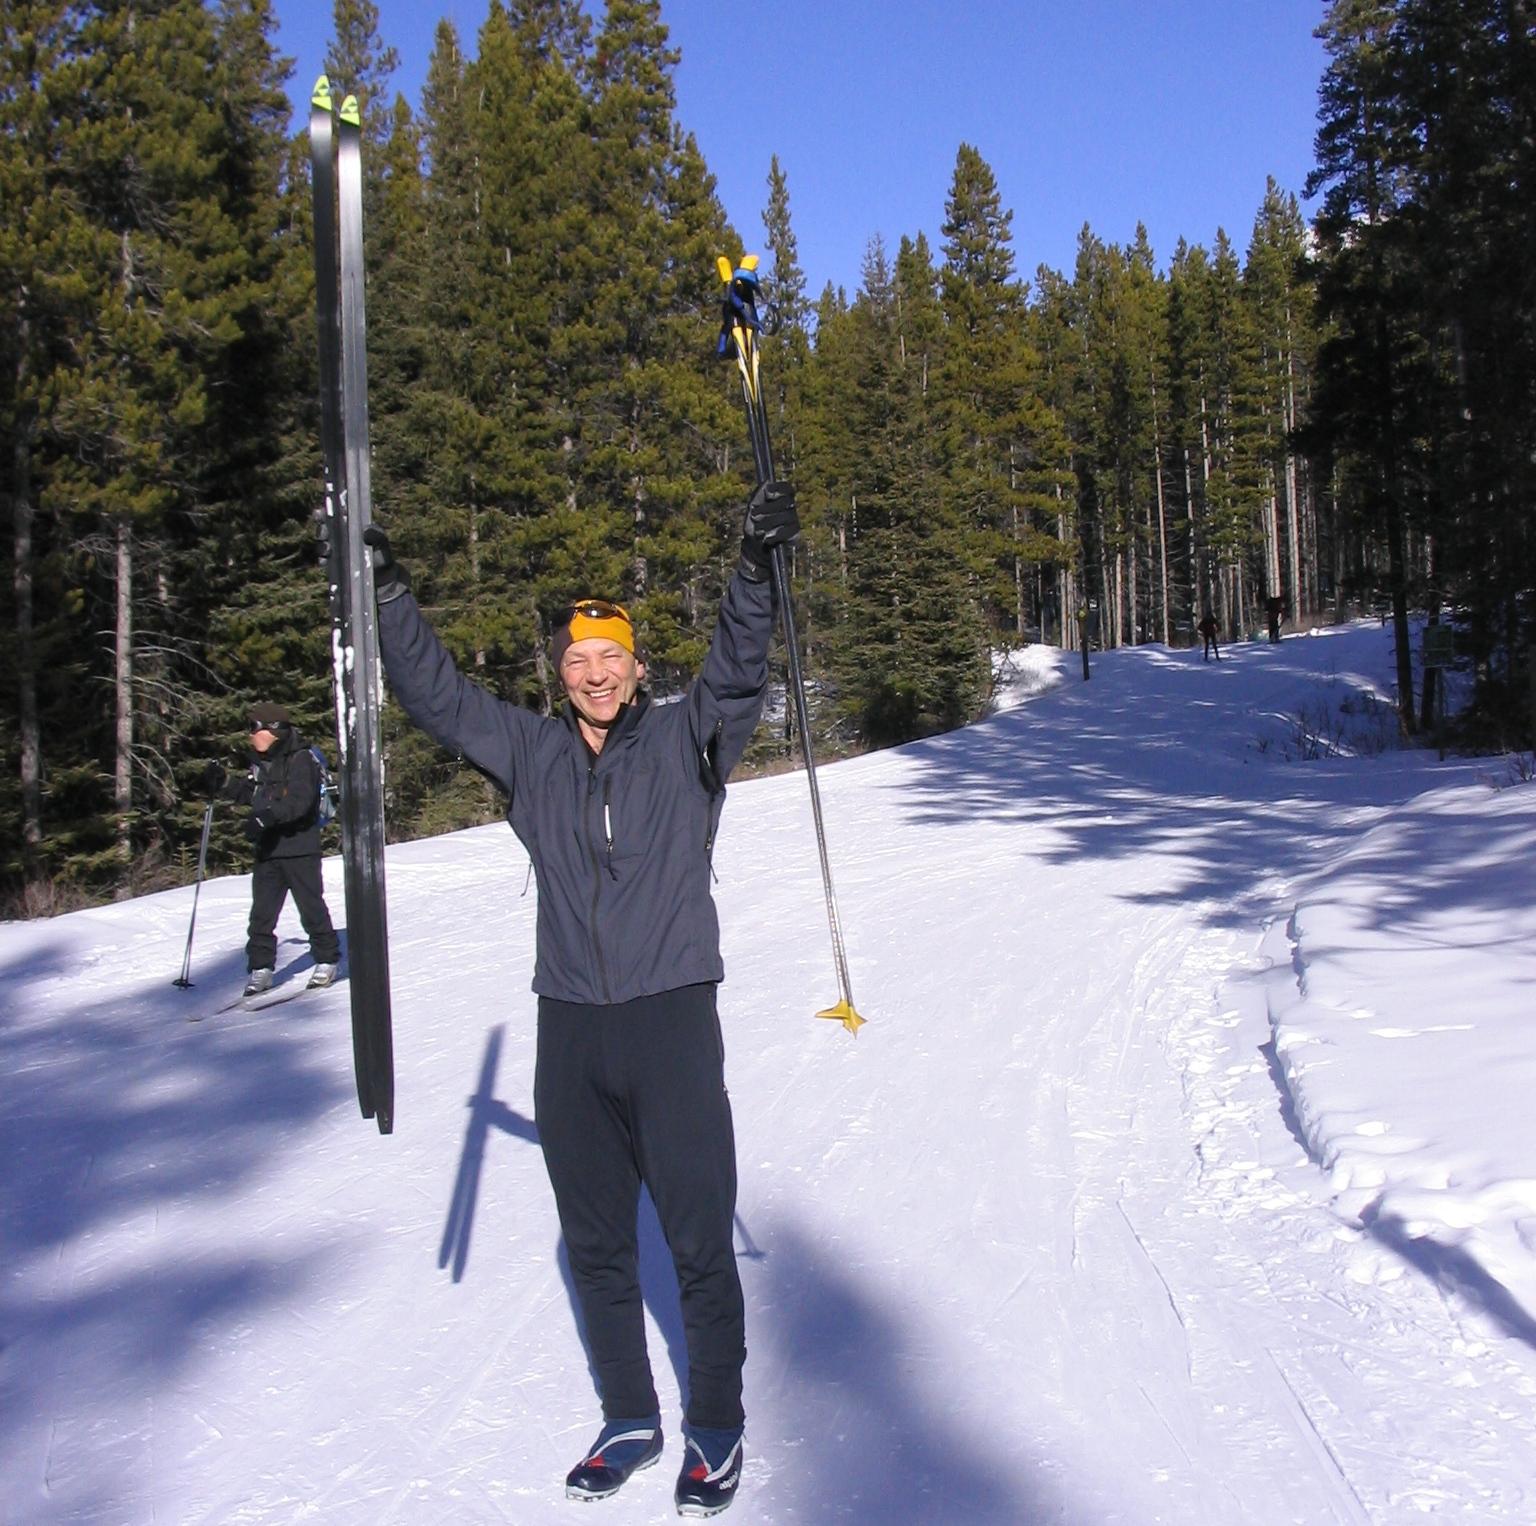 Bob celebrates 1000K on skis this winter